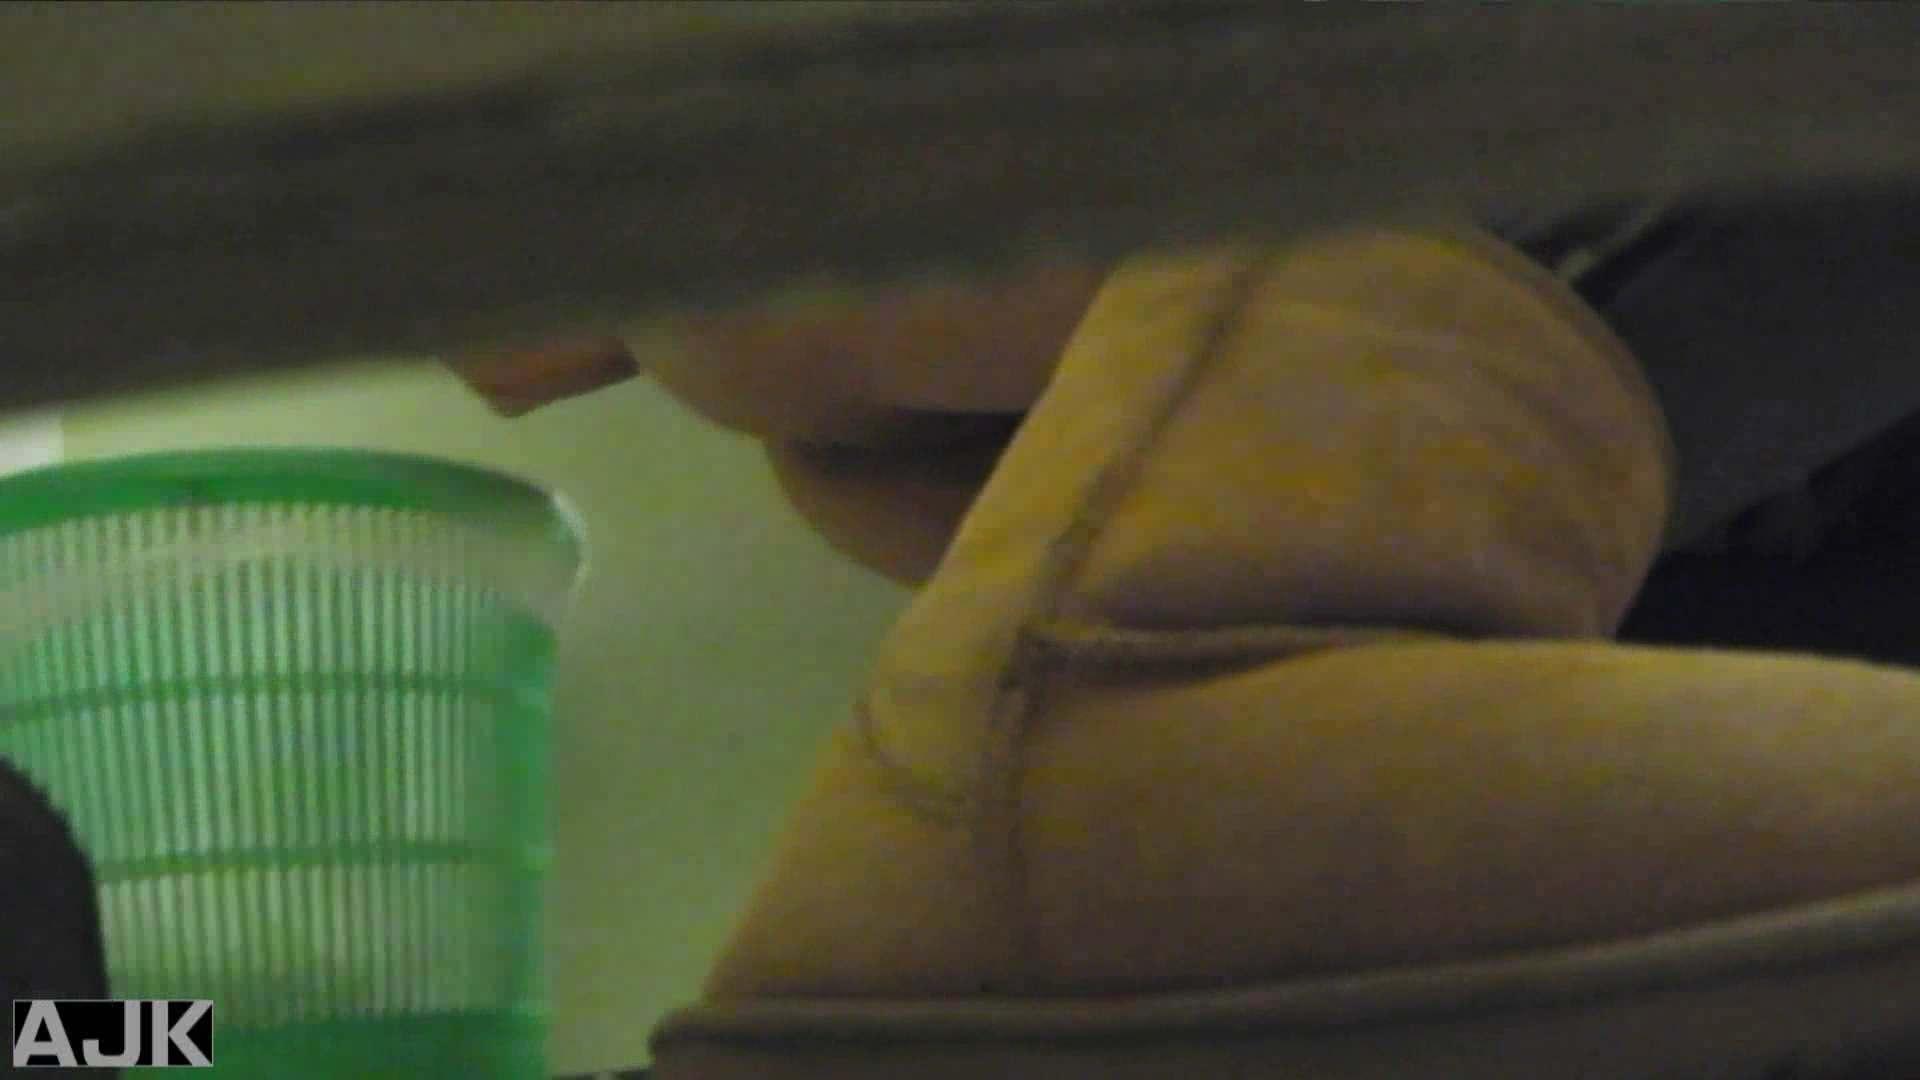 隣国上階級エリアの令嬢たちが集うデパートお手洗い Vol.20 便所で・・・ われめAV動画紹介 81画像 29